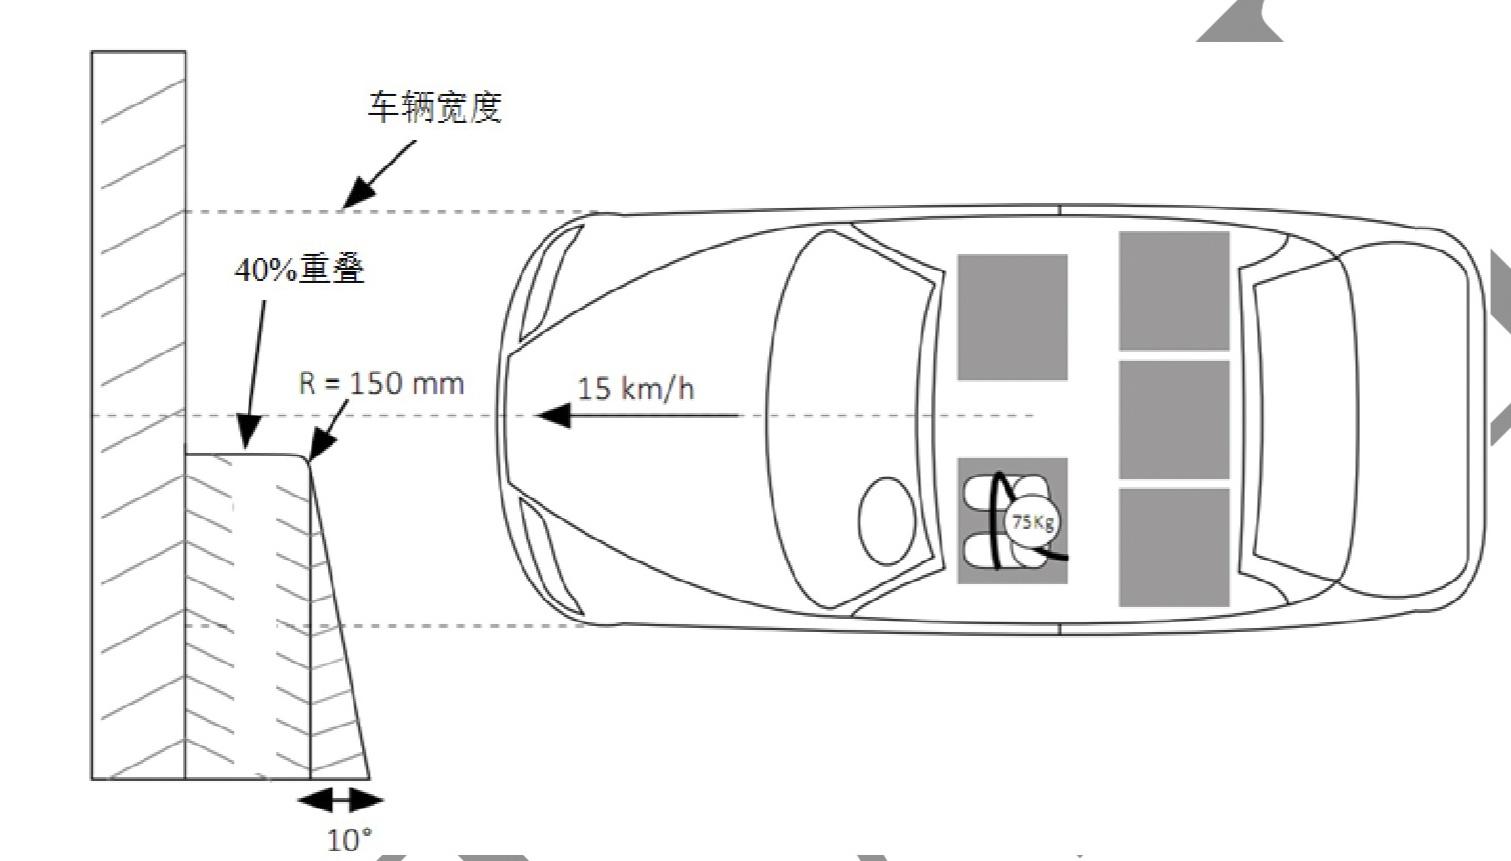 图注:中保研 车头低速碰撞示意图